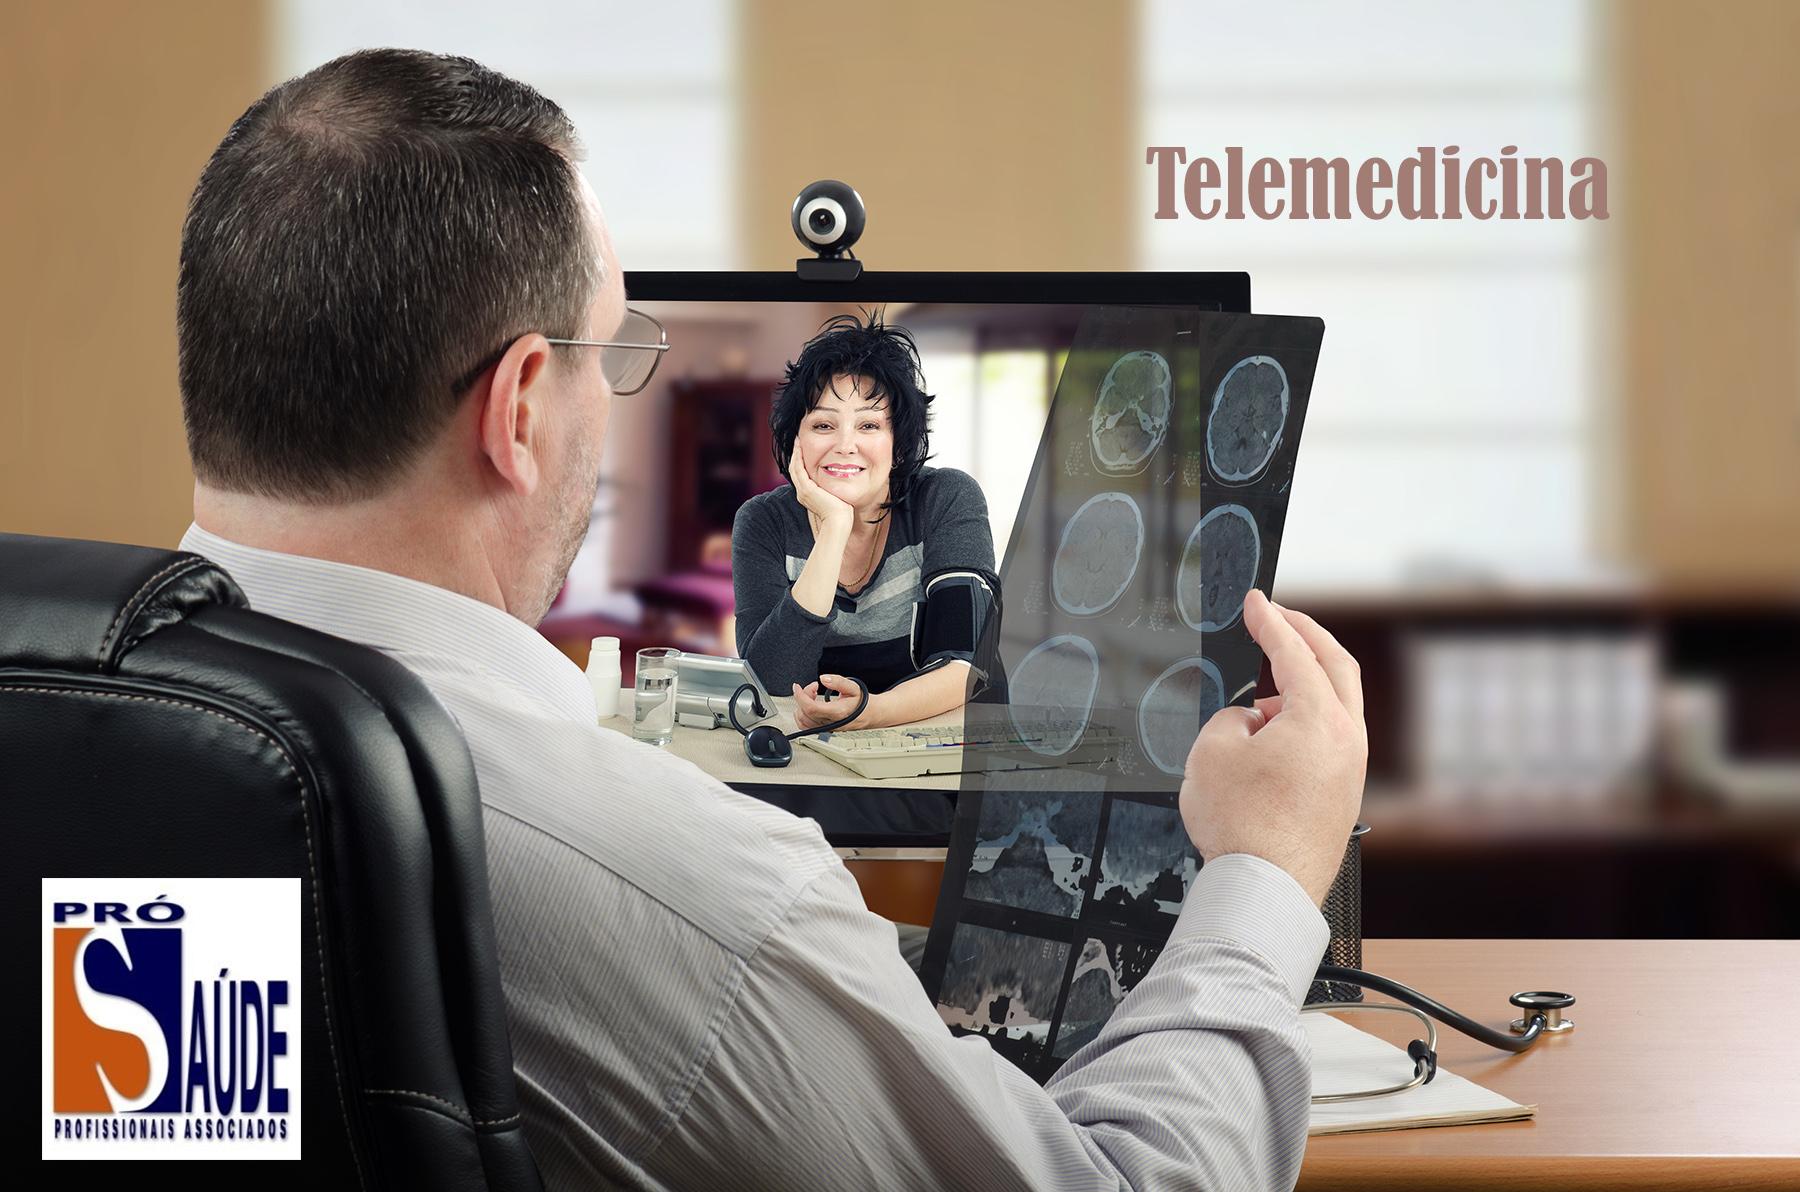 Telemedicina Telemedicina e a aproximação do paciente aos serviços de saúde